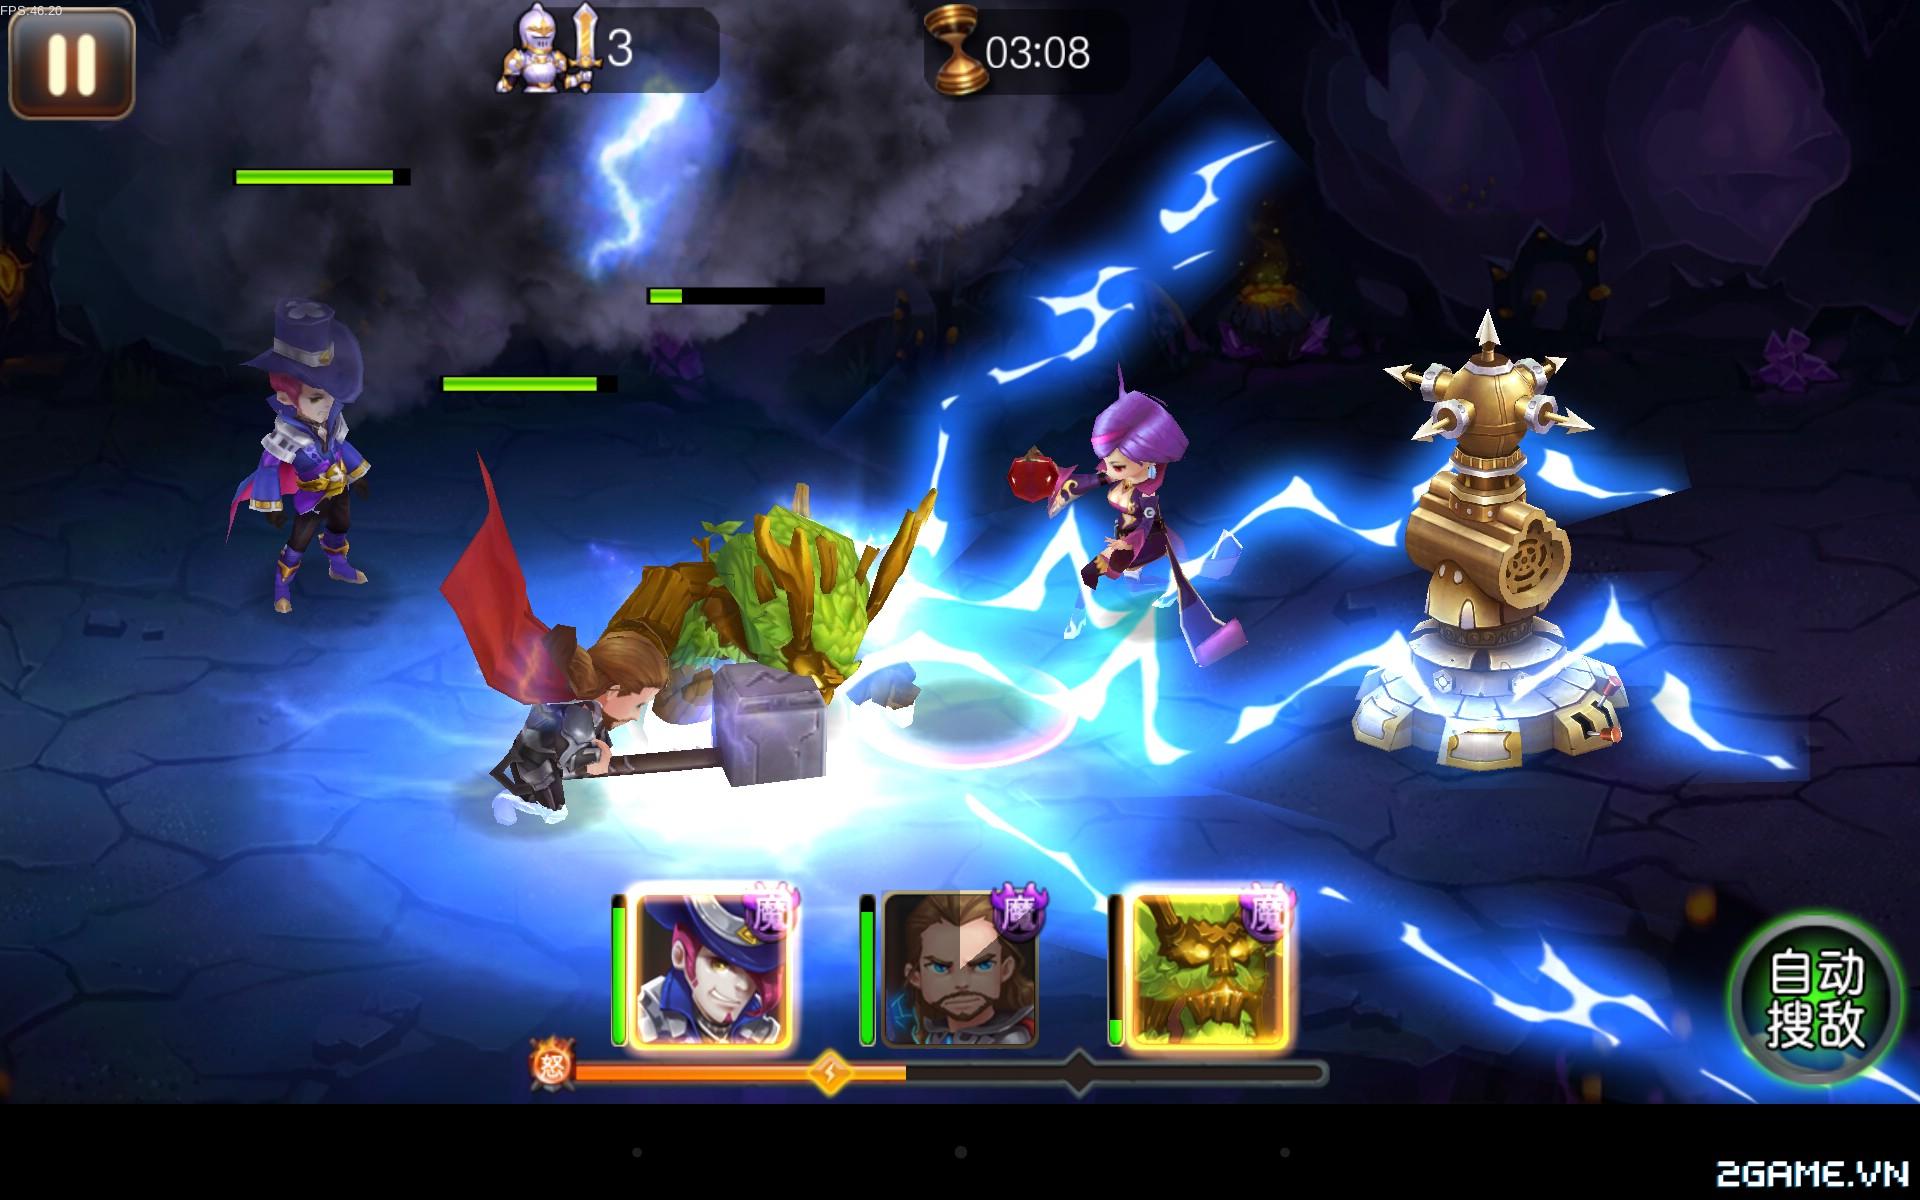 Thánh Kiếm Khế Ước -  Game mobile MOBA kết hợp thẻ bài phù hợp với mọi lứa tuổi 2